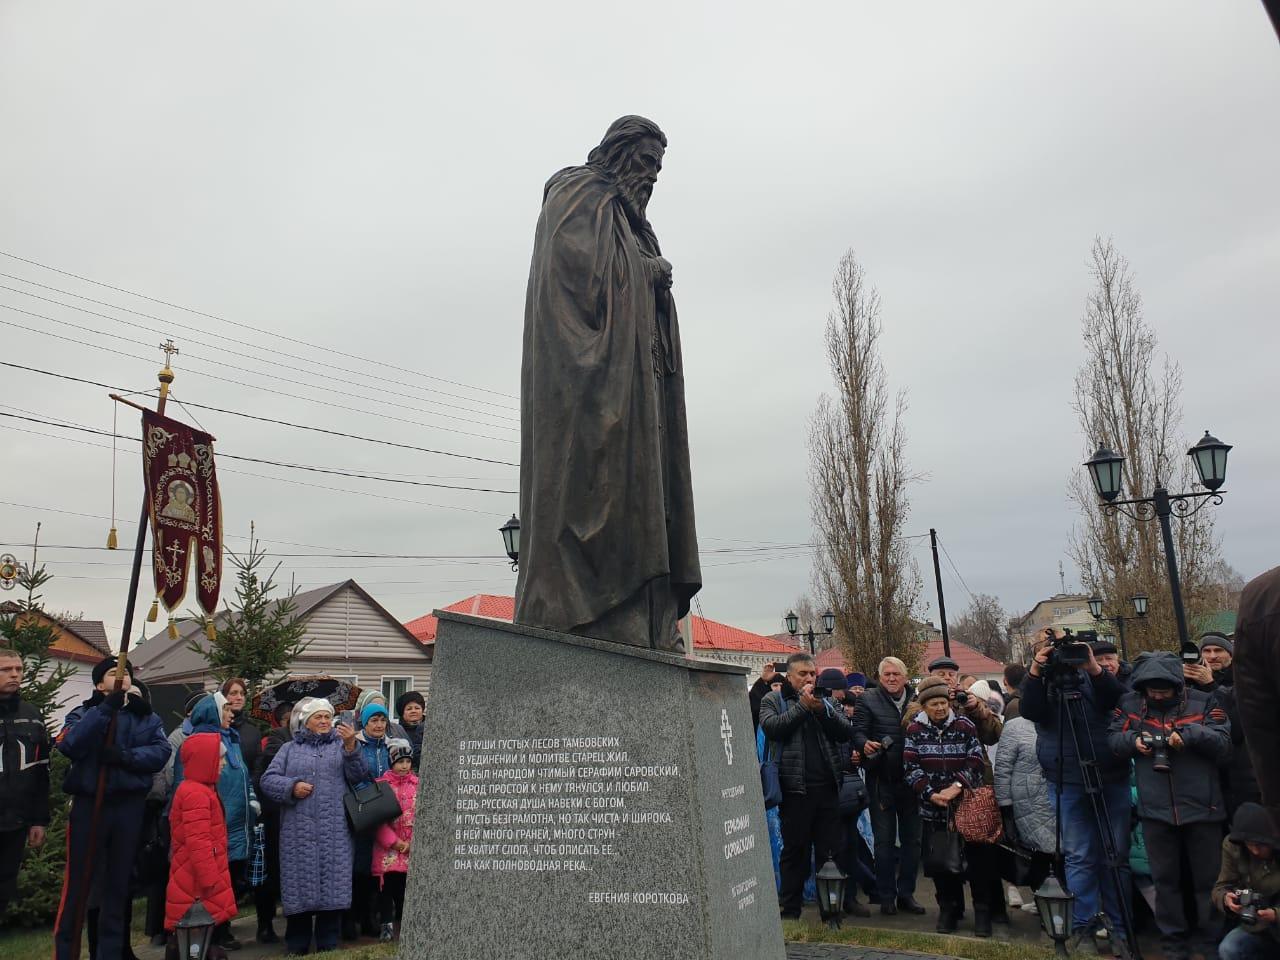 За выходные в Тамбовской области открыли сразу три памятника: монаху, актёру и частушечнице